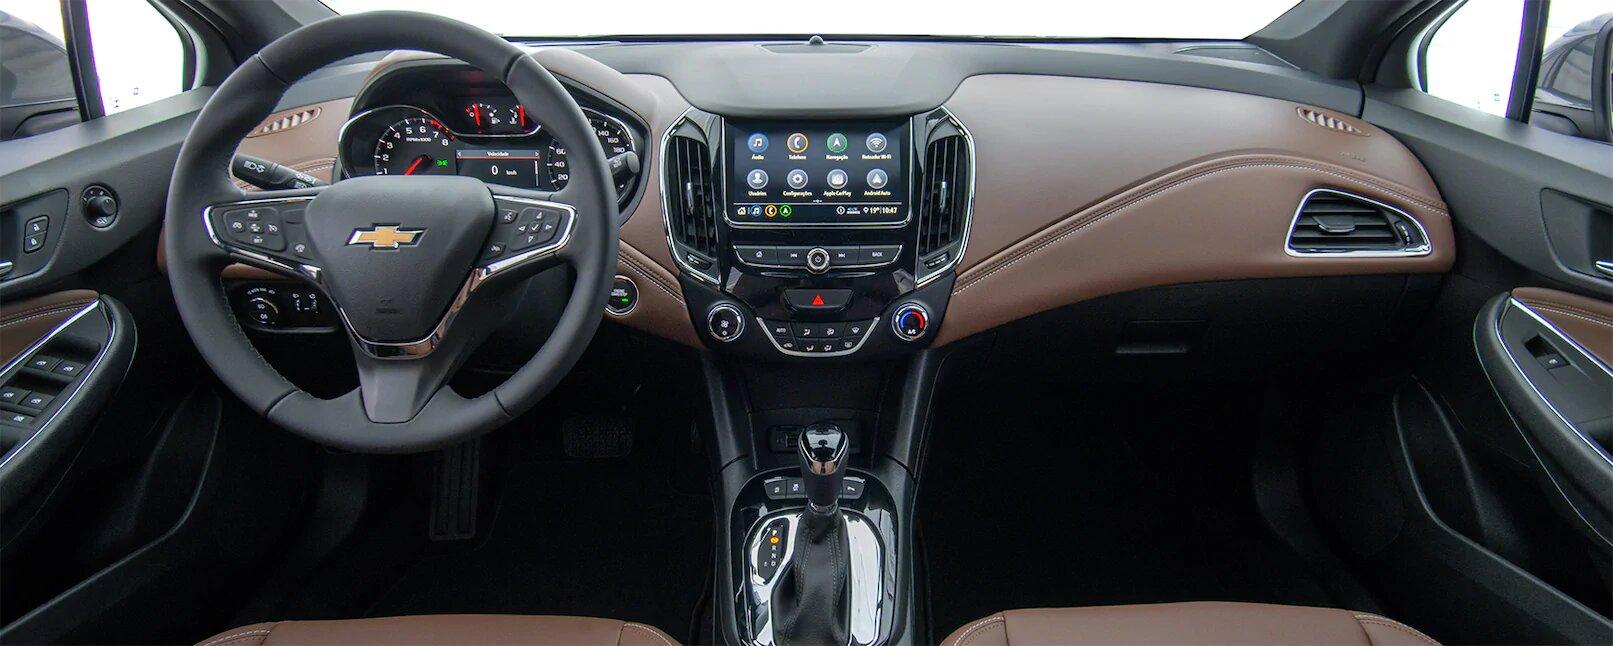 design-cruze-2020-carrossel-4